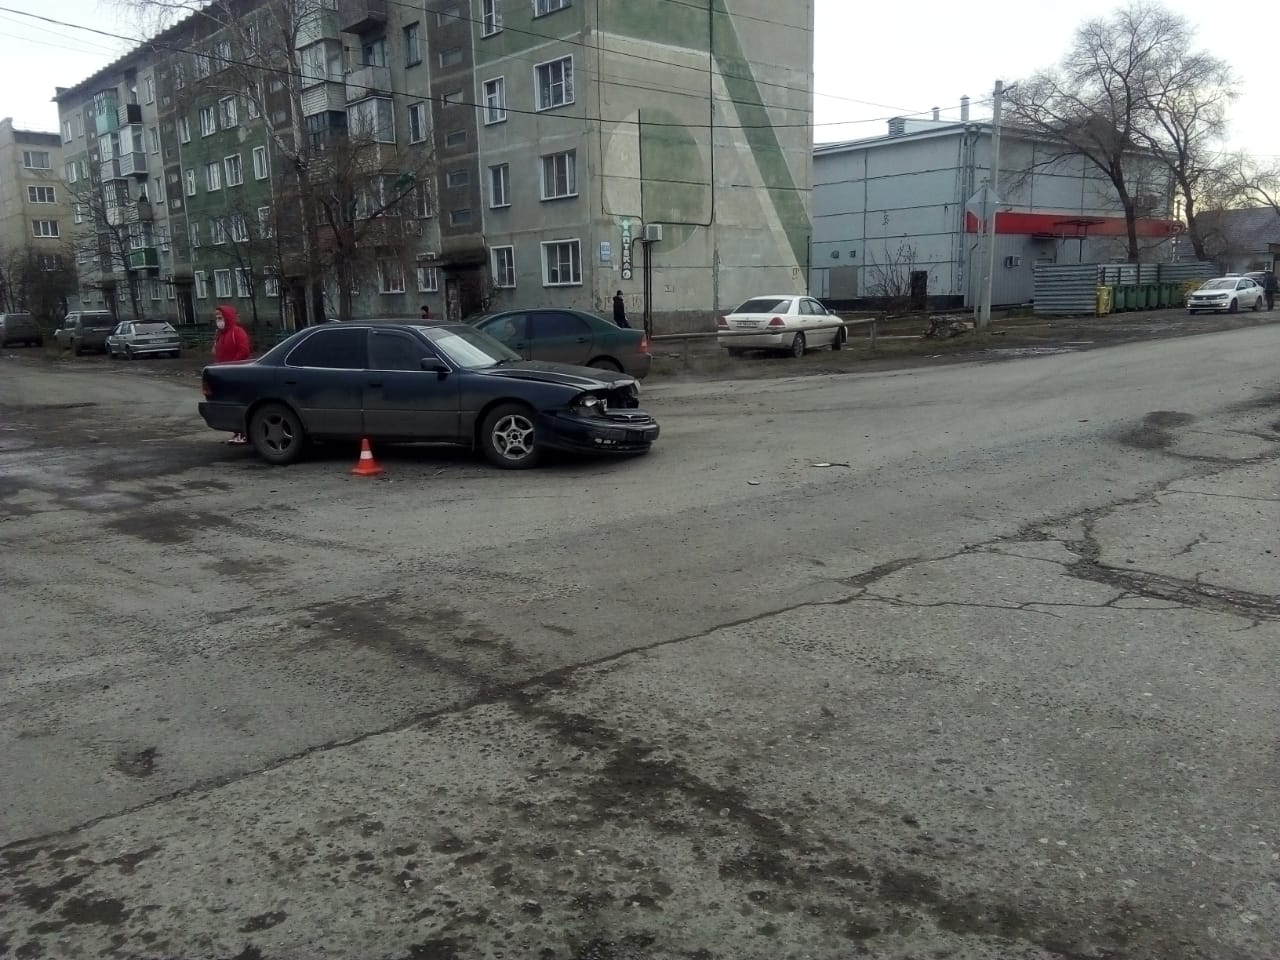 7 ДТП произошло в Куйбышевском районе с 03 по 09 ноября, и?